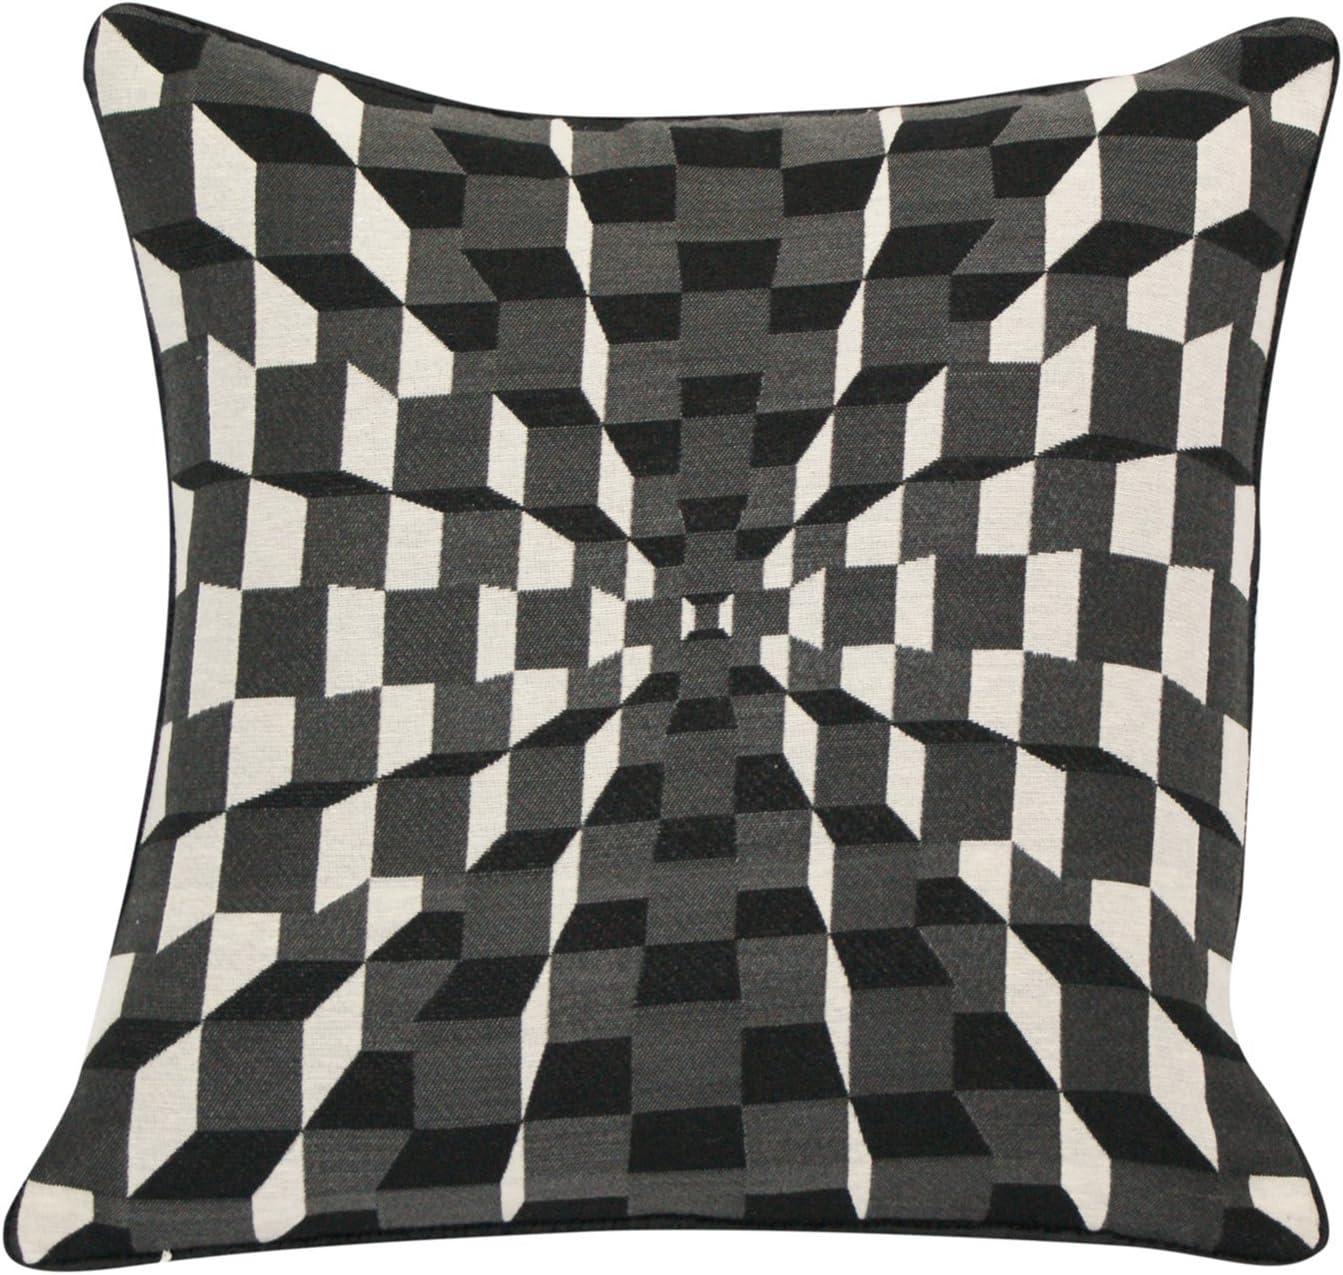 Urban Loft By Westex Black 3d Cubes Cushion 20 X 20 Home Kitchen